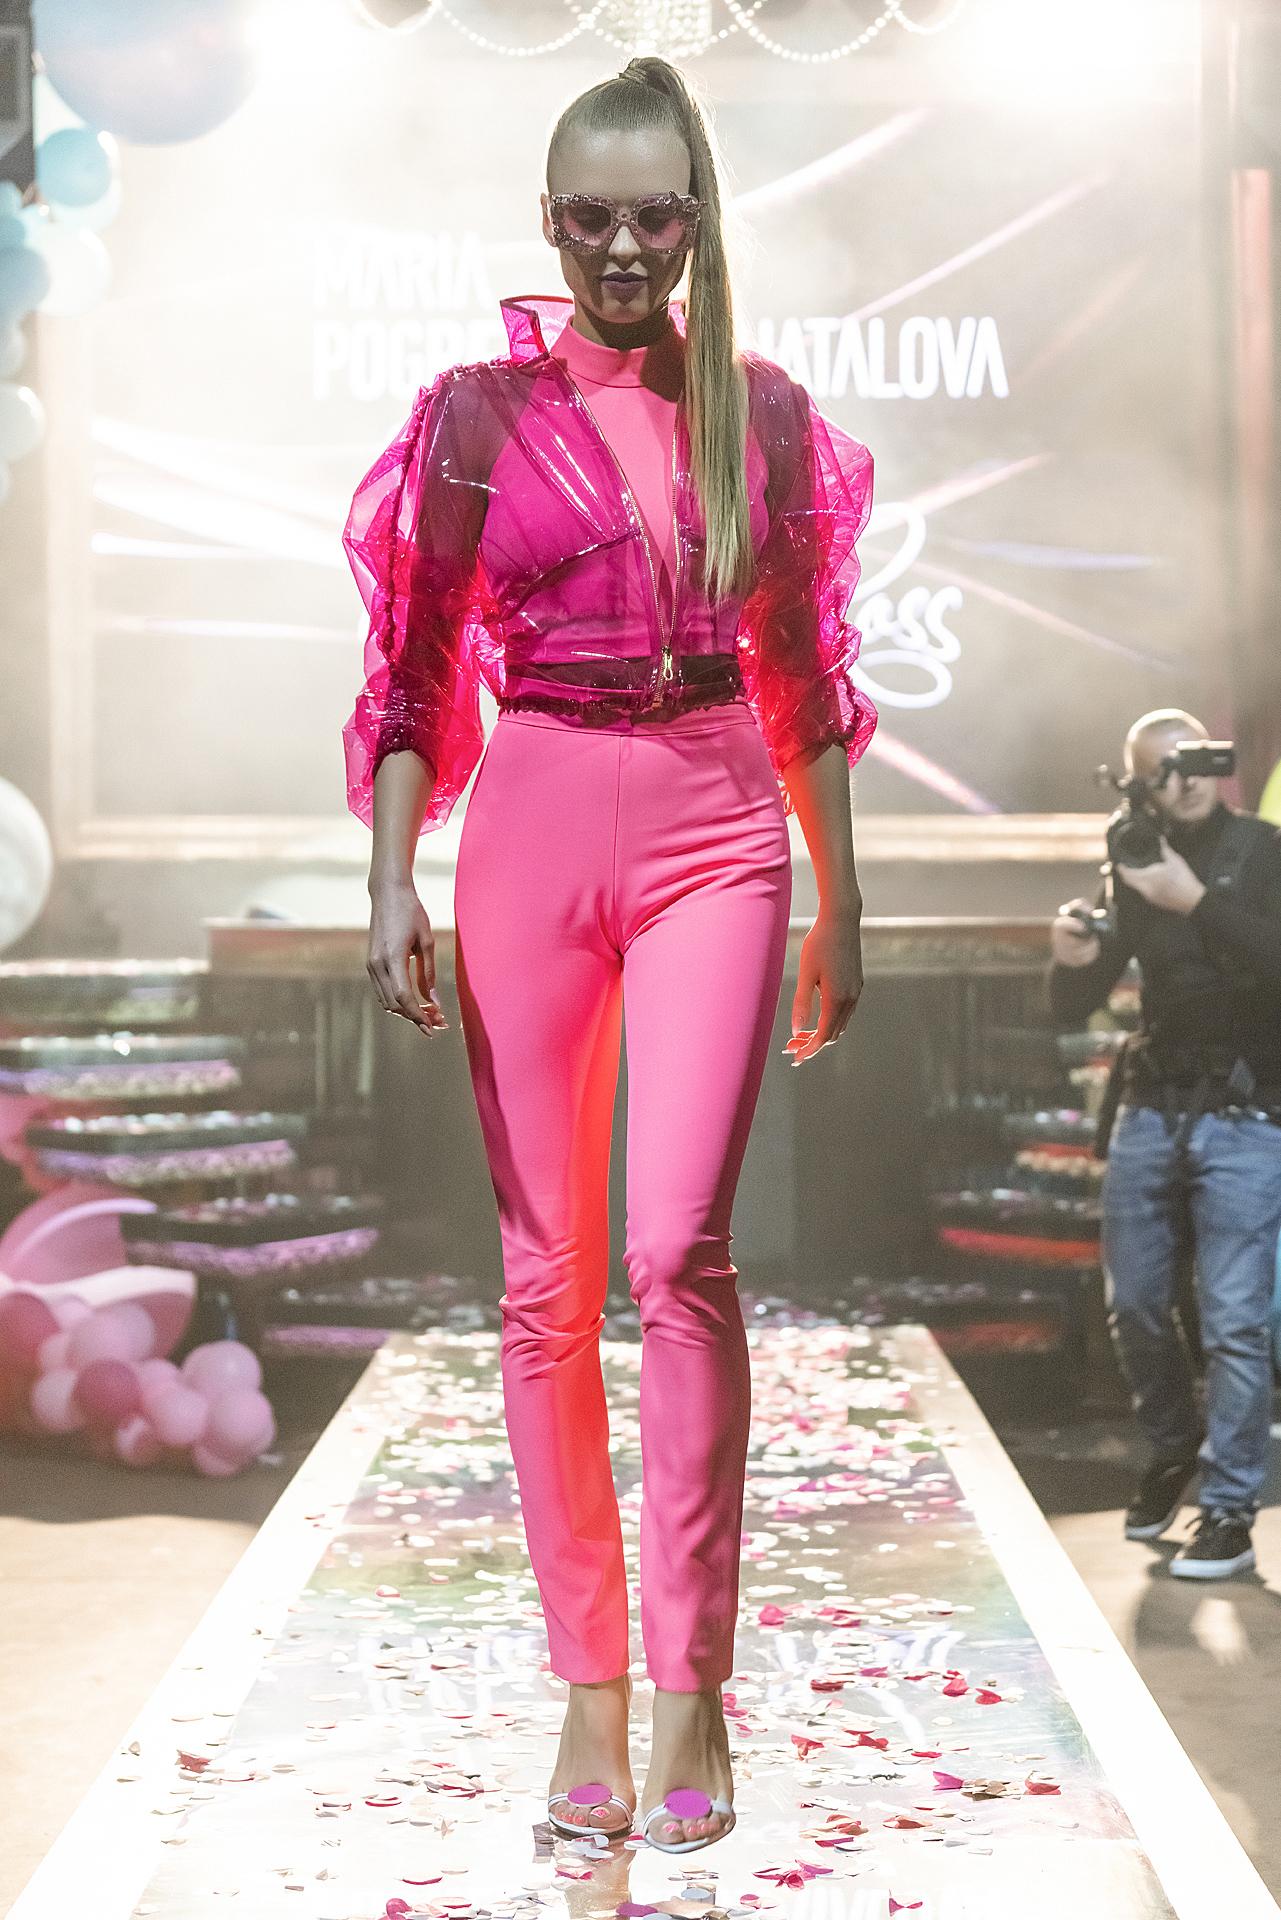 Костюм power-dressing с гипертрофированными объемами (брюки)